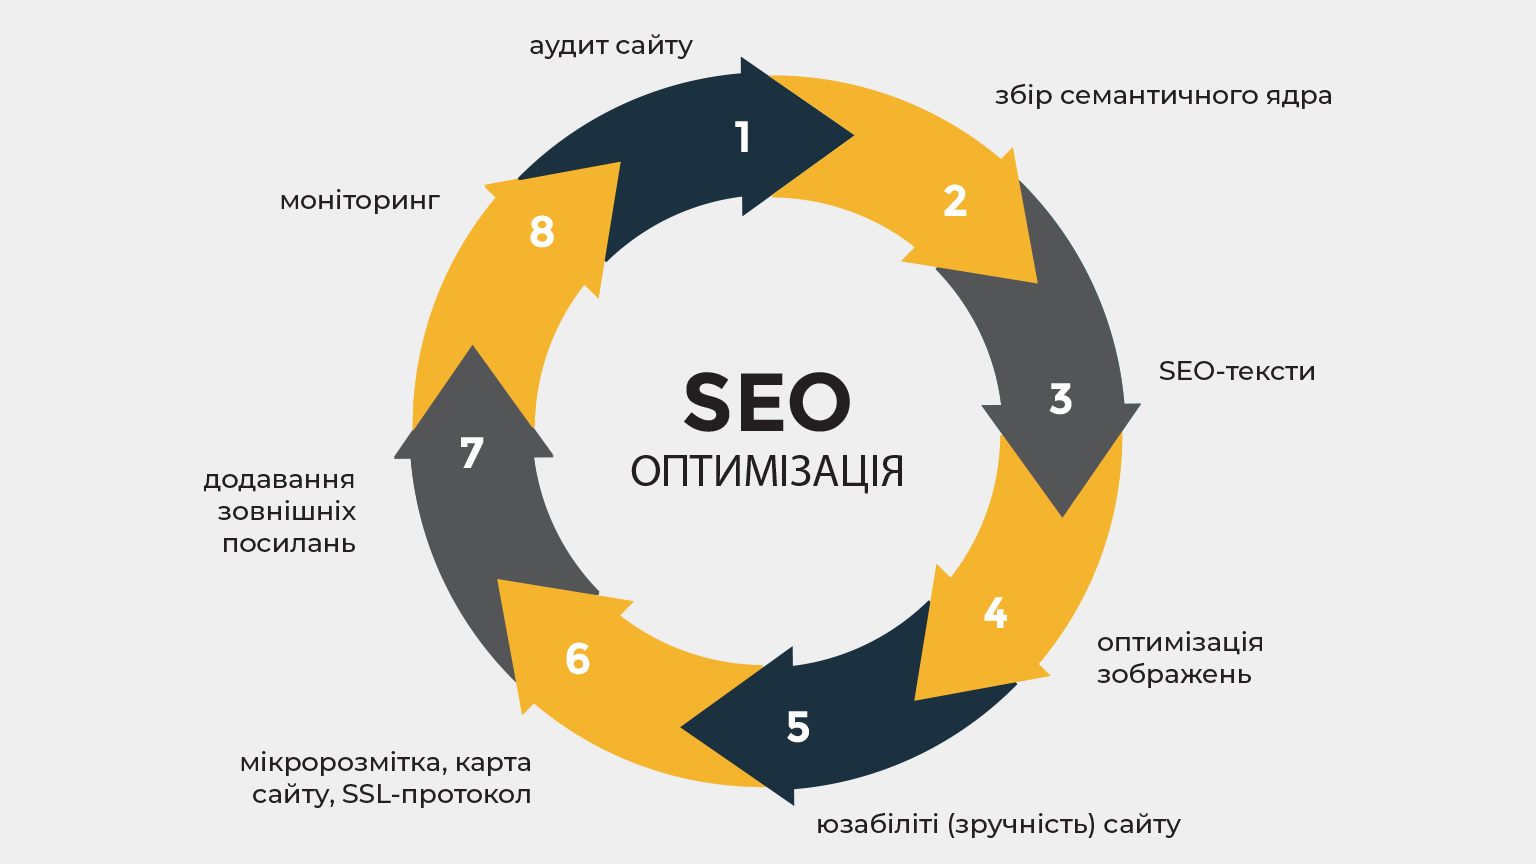 Детально розповідаємо, як писати seo-тексти та використовувати їх для ефективної seo-оптимізації вашого сайту.